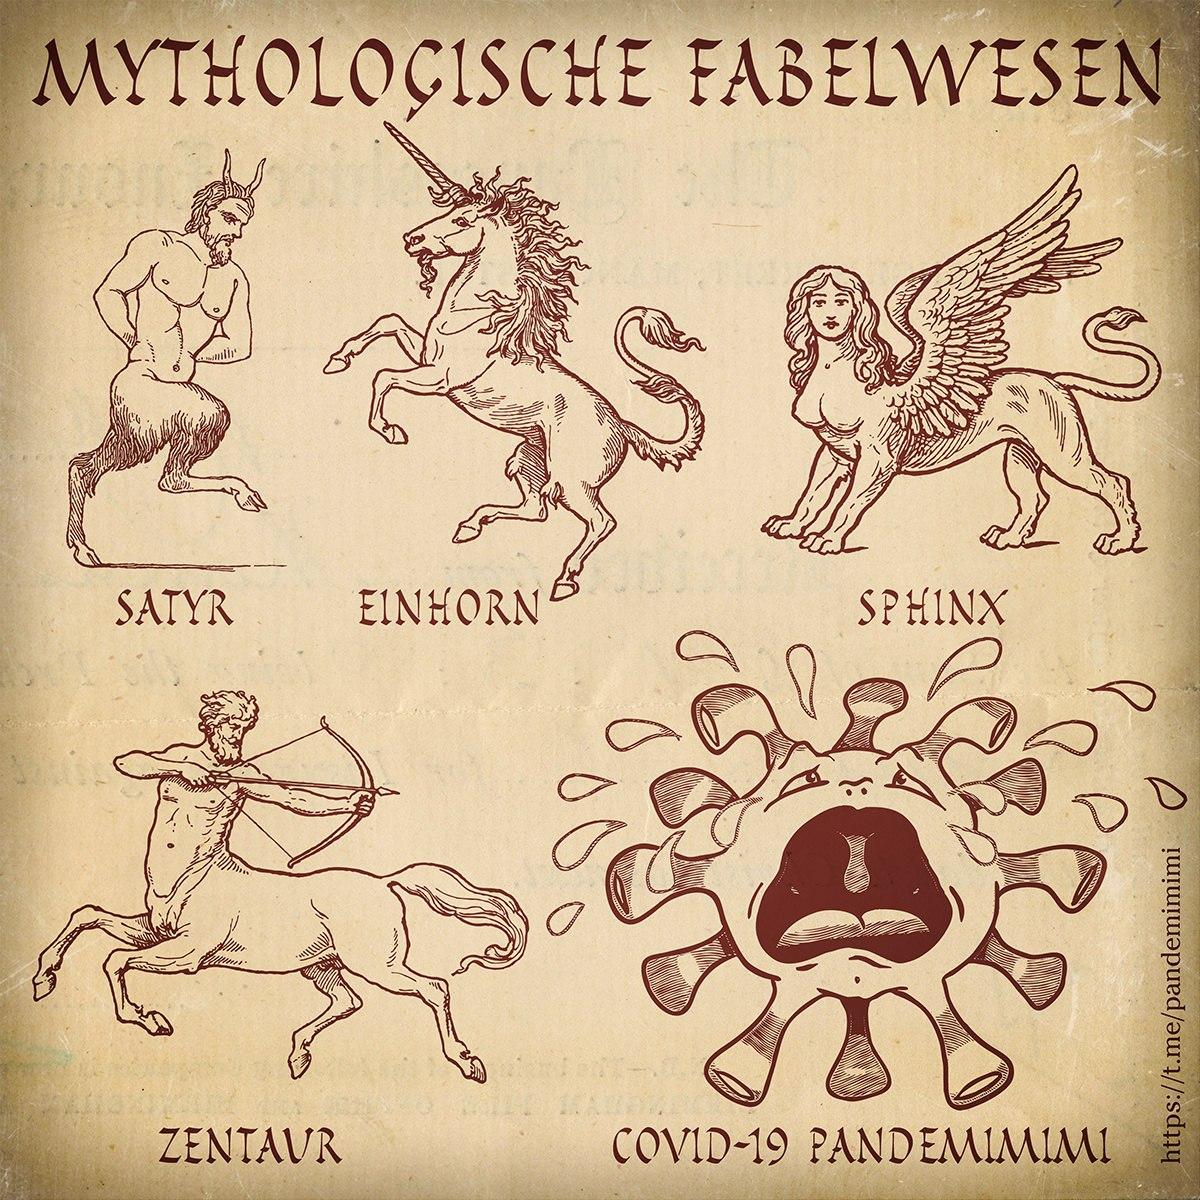 Mythologische Fabelwesen, 23.10.2020